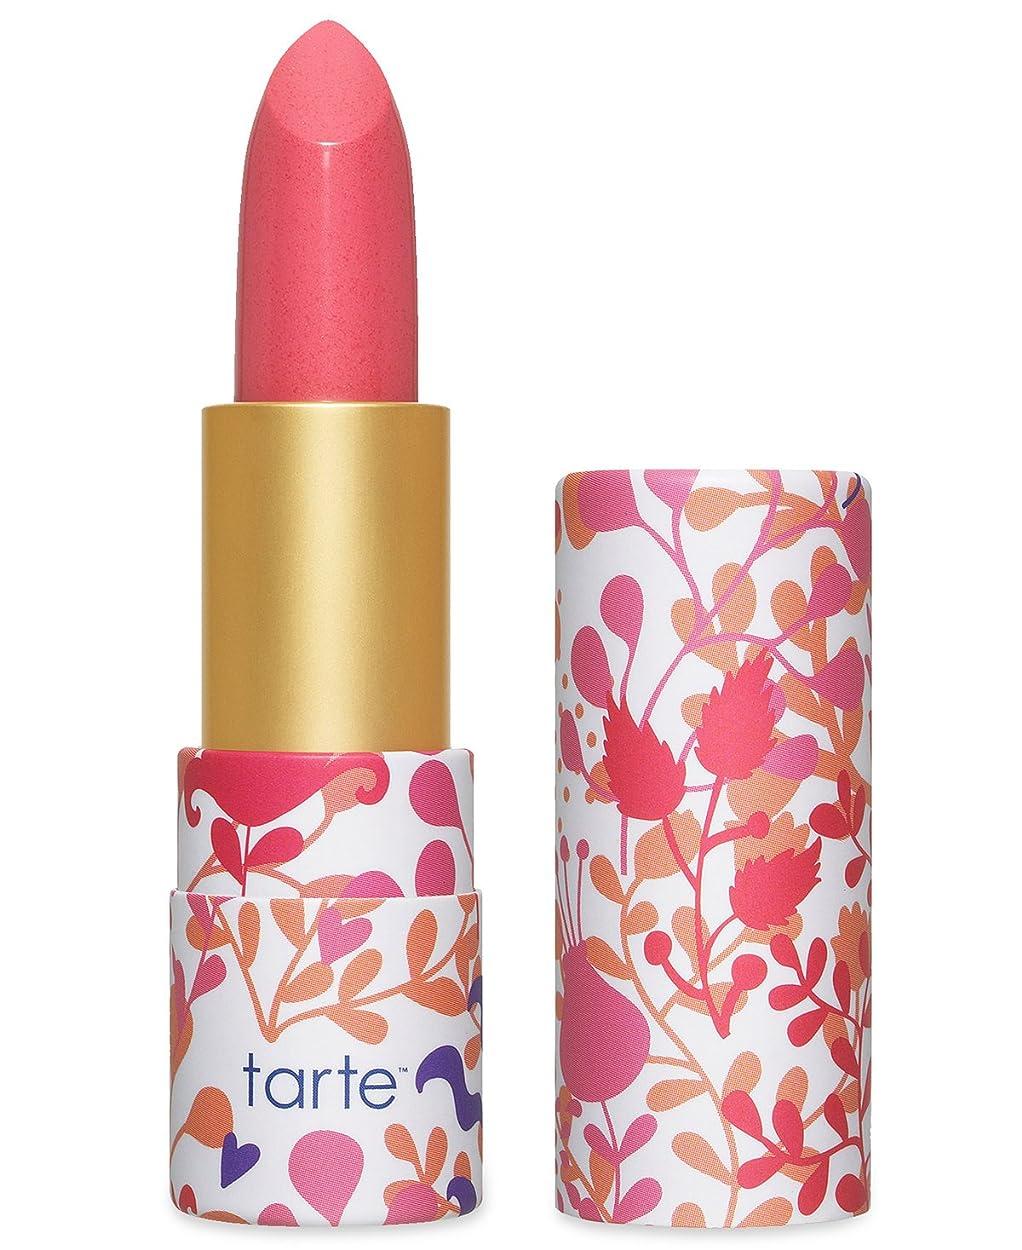 三番用心ソブリケットTarte Amazonian Butter Lipstick ターテ アマゾニアン バターリップステック Pink Peony [並行輸入品]